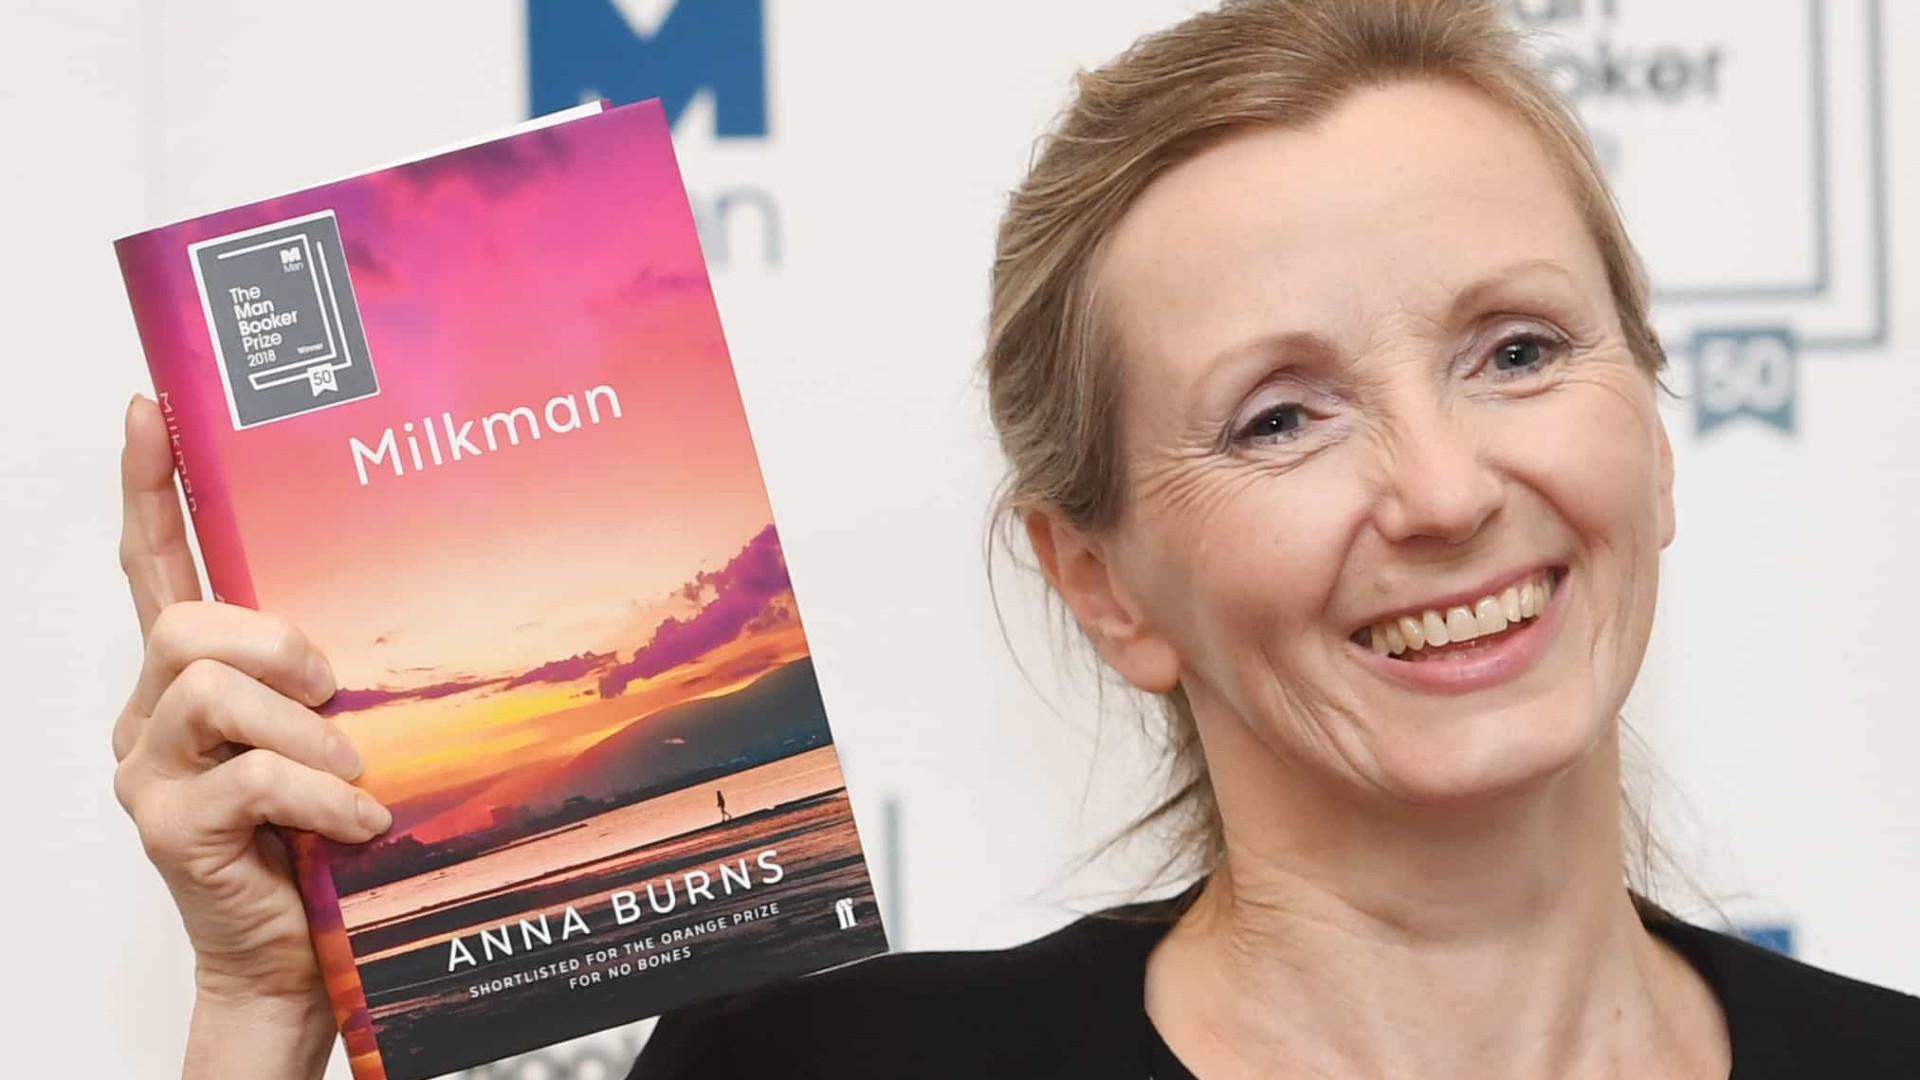 Anna Burns vence Prémio Internacional Literário de Dublin com 'Milkman'